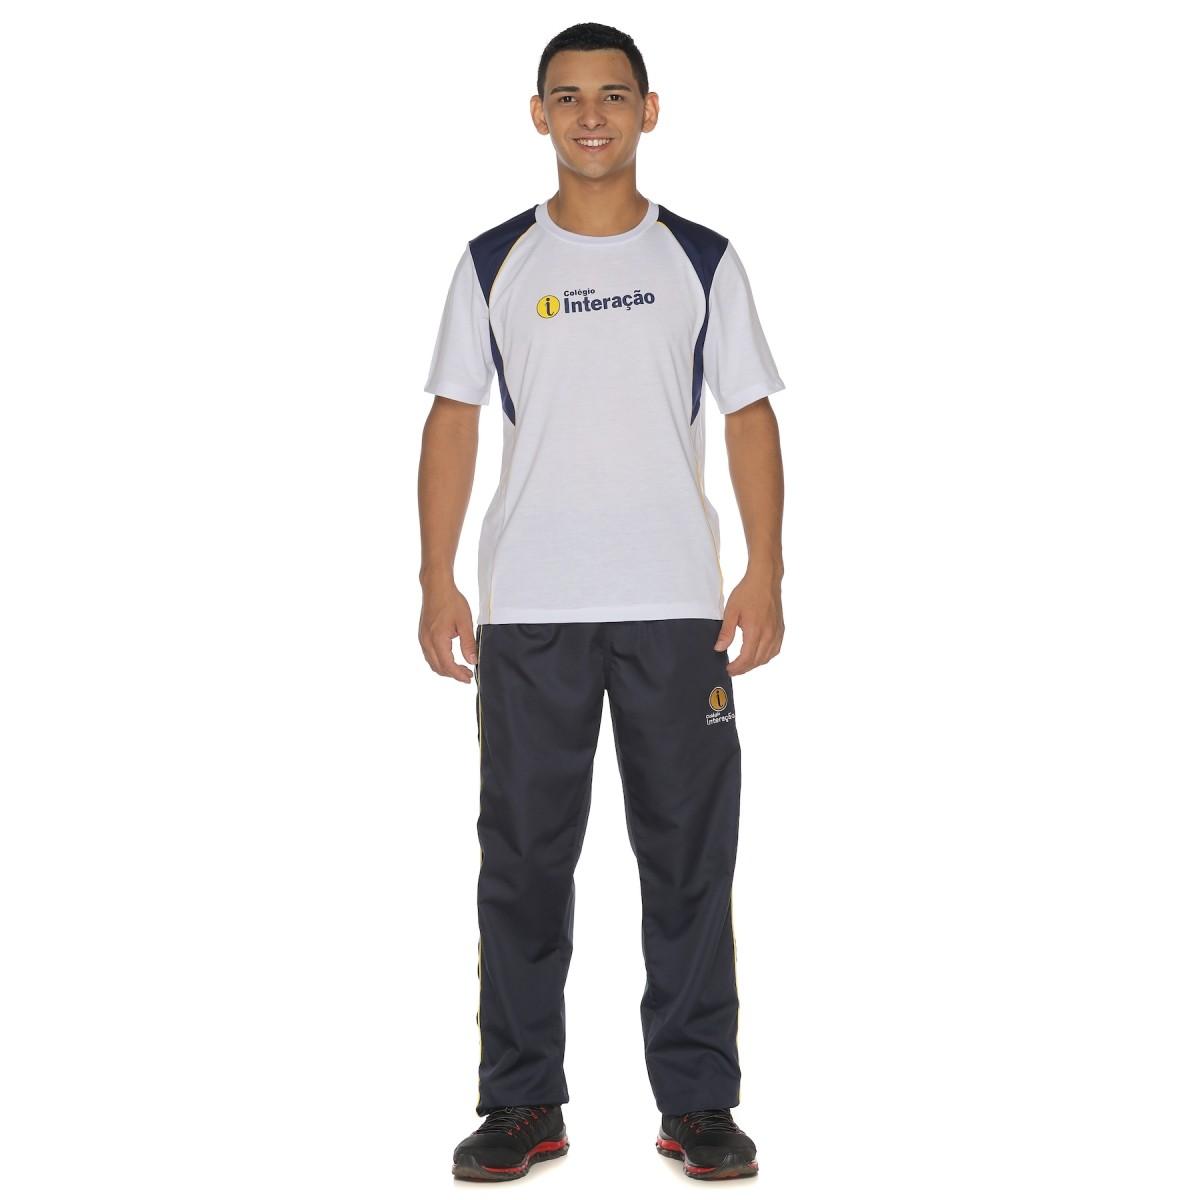 Camiseta Manga Curta Malha PV - Colégio Interação